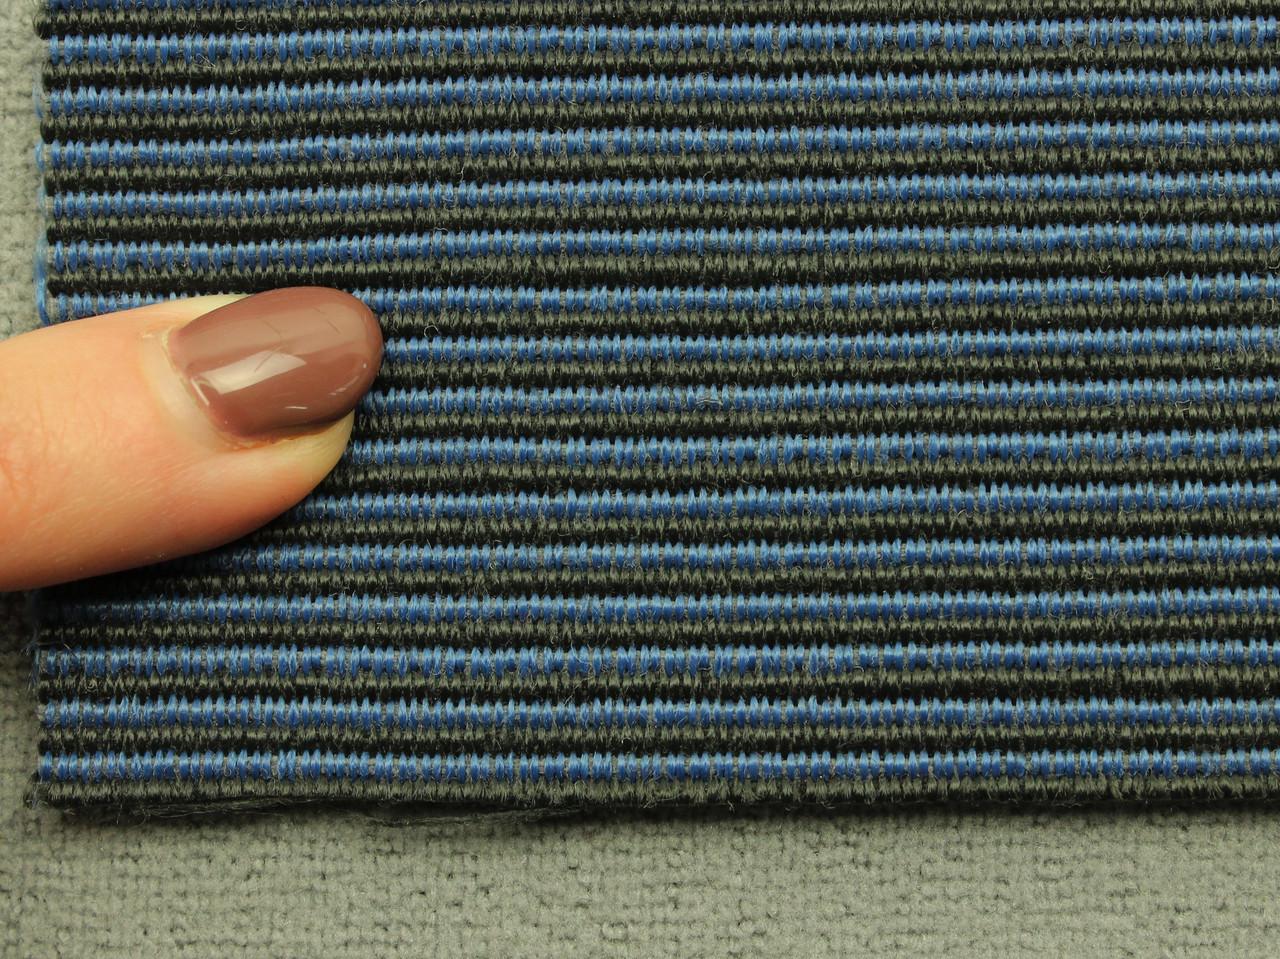 Ткань для сидений автомобиля, цвет черно-синий, на поролоне (для центральной части), Германия